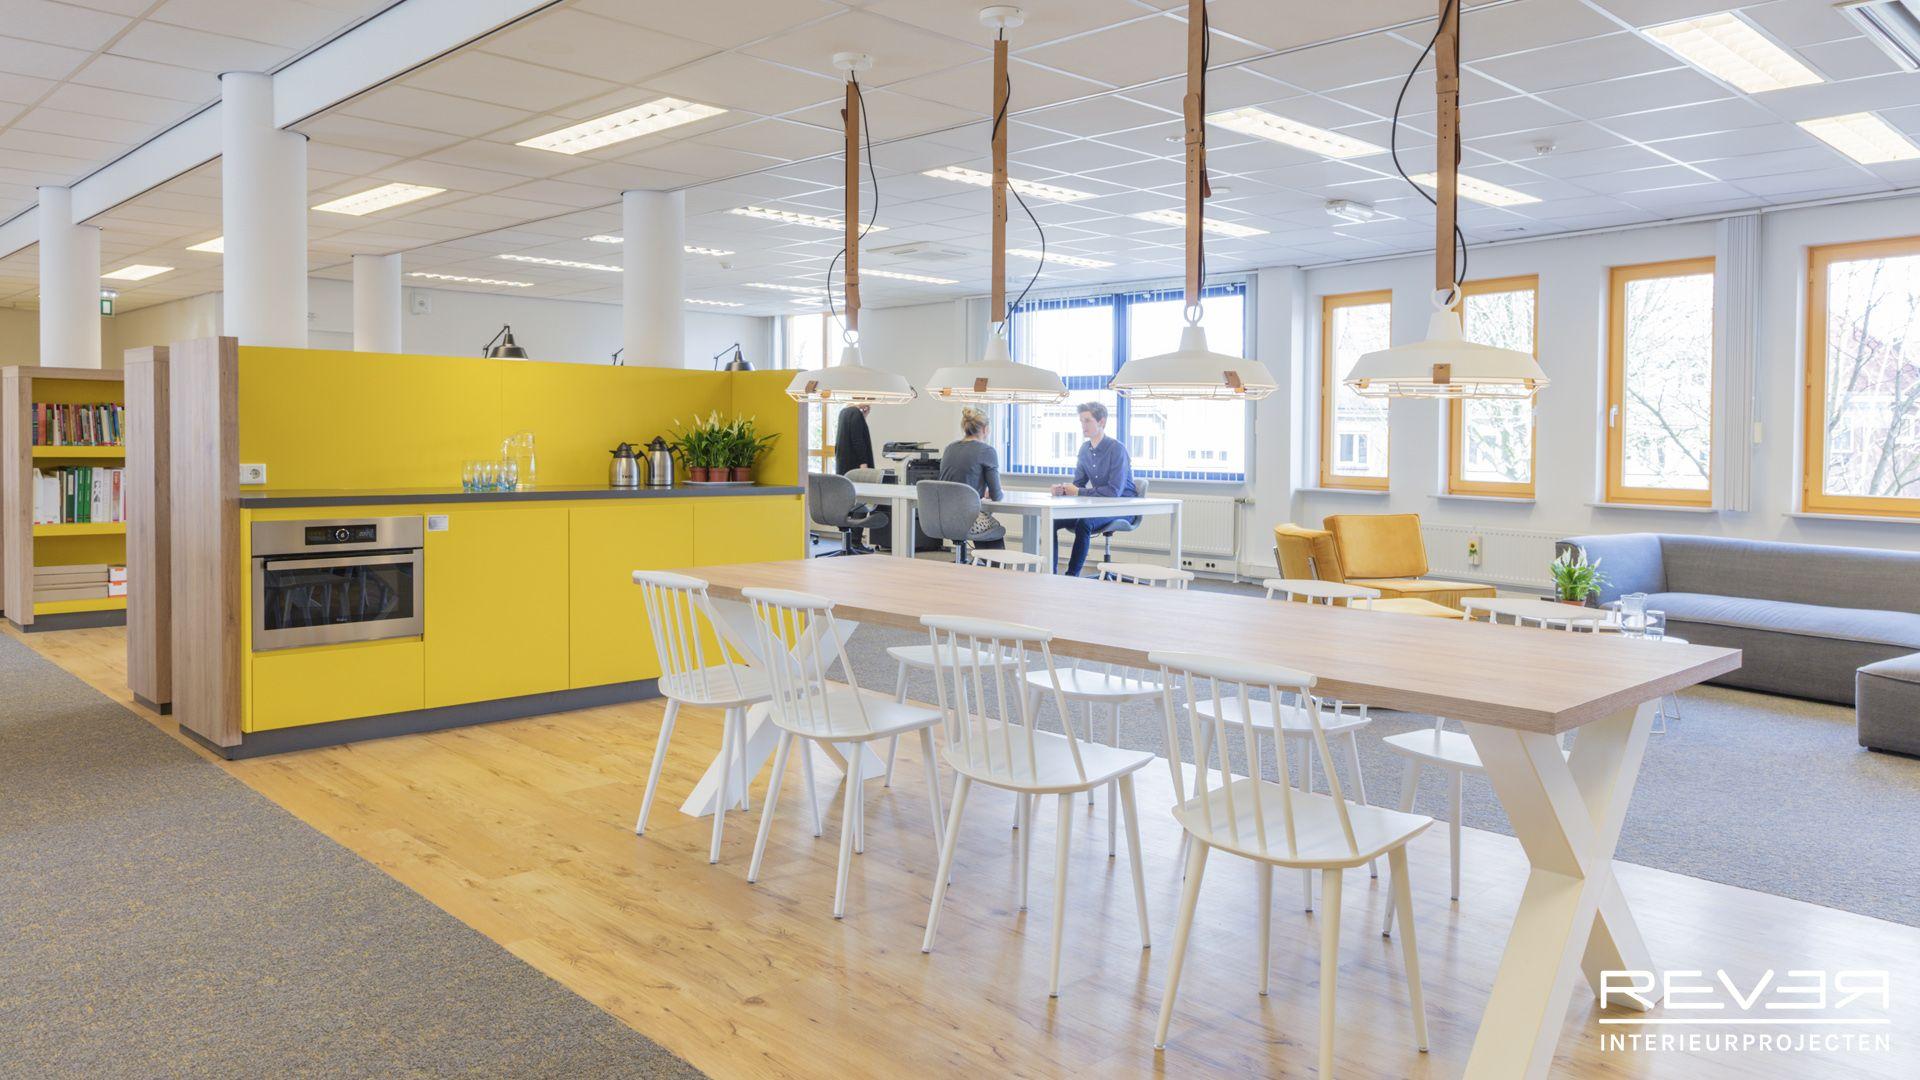 Design Kantoor Bureau.Kantoor Bureau Jeugdzorg Venlo Ontwerp Realisatie Door Rever